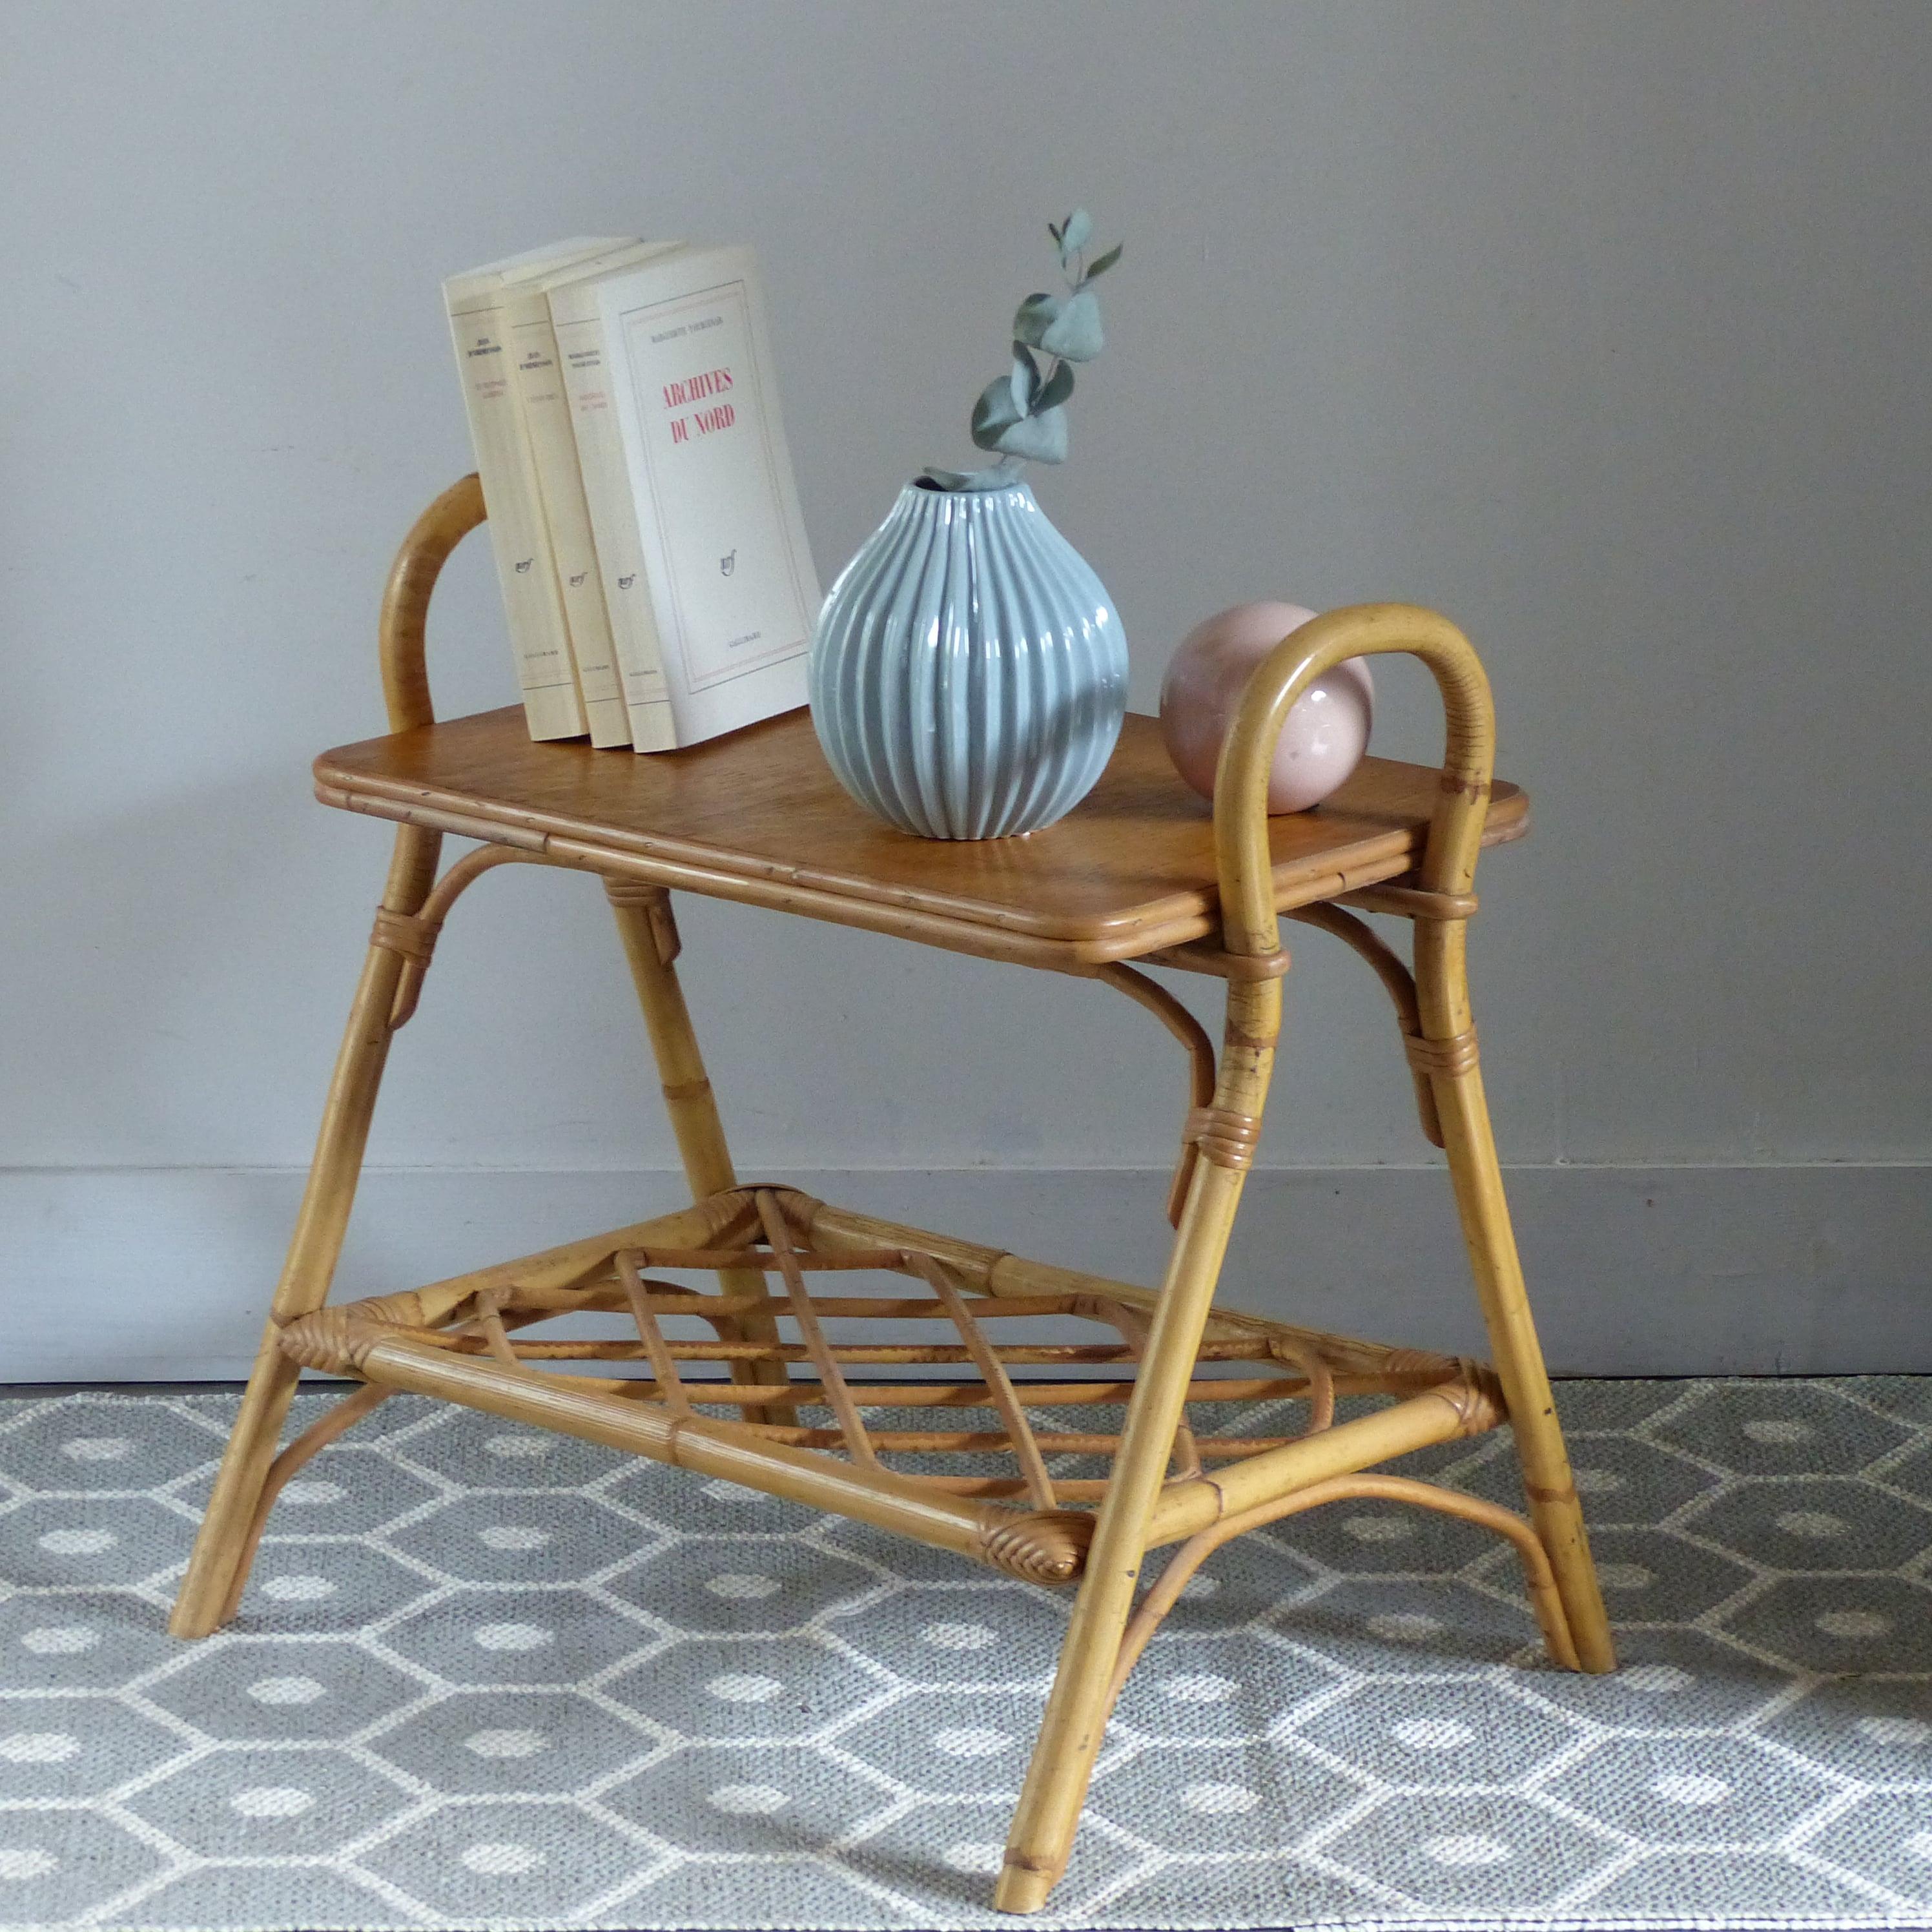 Table de chevet vintage en rotin lignedebrocante brocante en ligne chine pour vous meubles - Table pour brocante ...